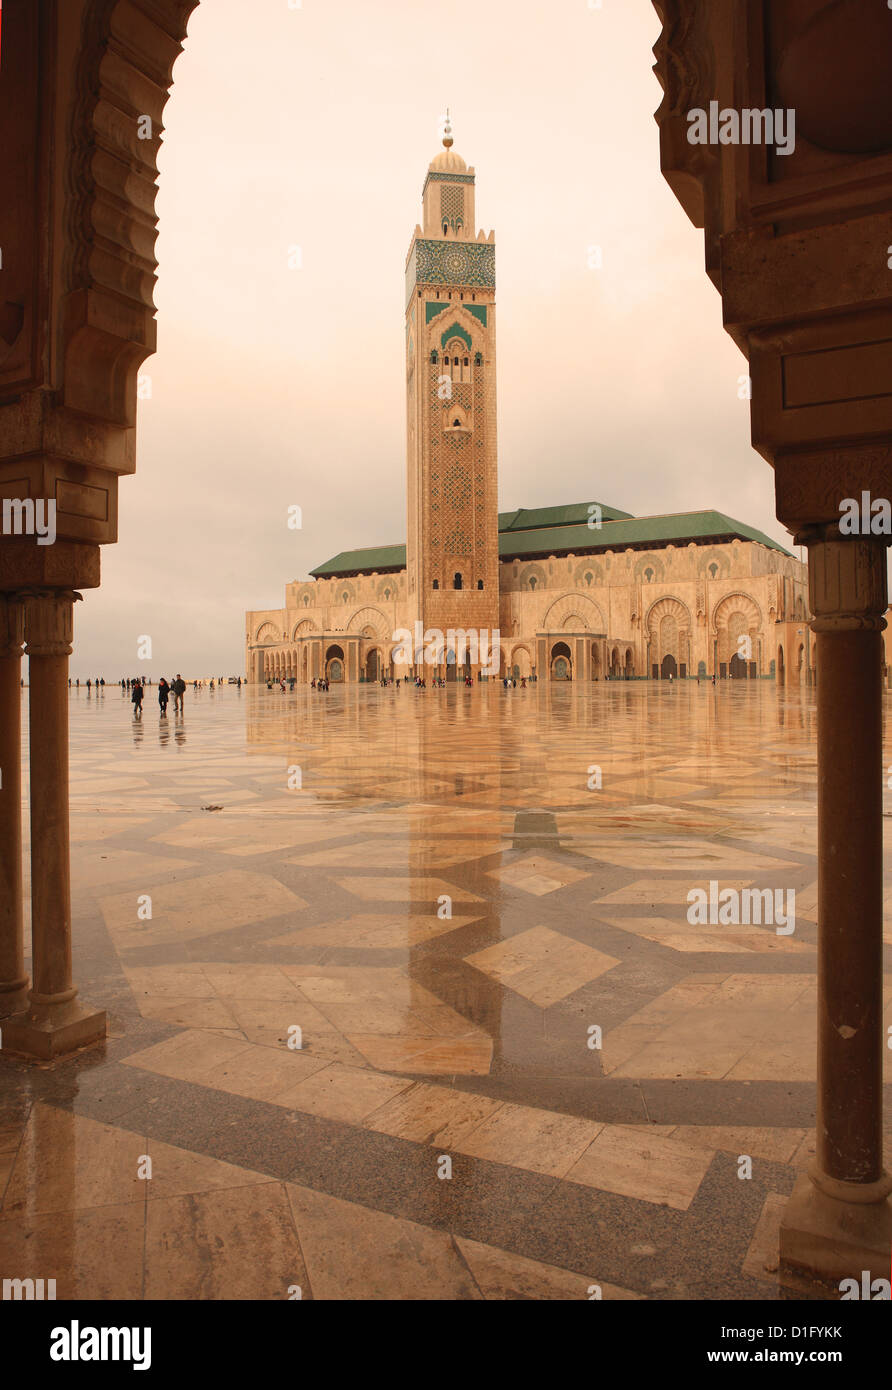 Moschea di Hassan II attraverso archway, Casablanca, Marocco, Africa Settentrionale, Africa Immagini Stock